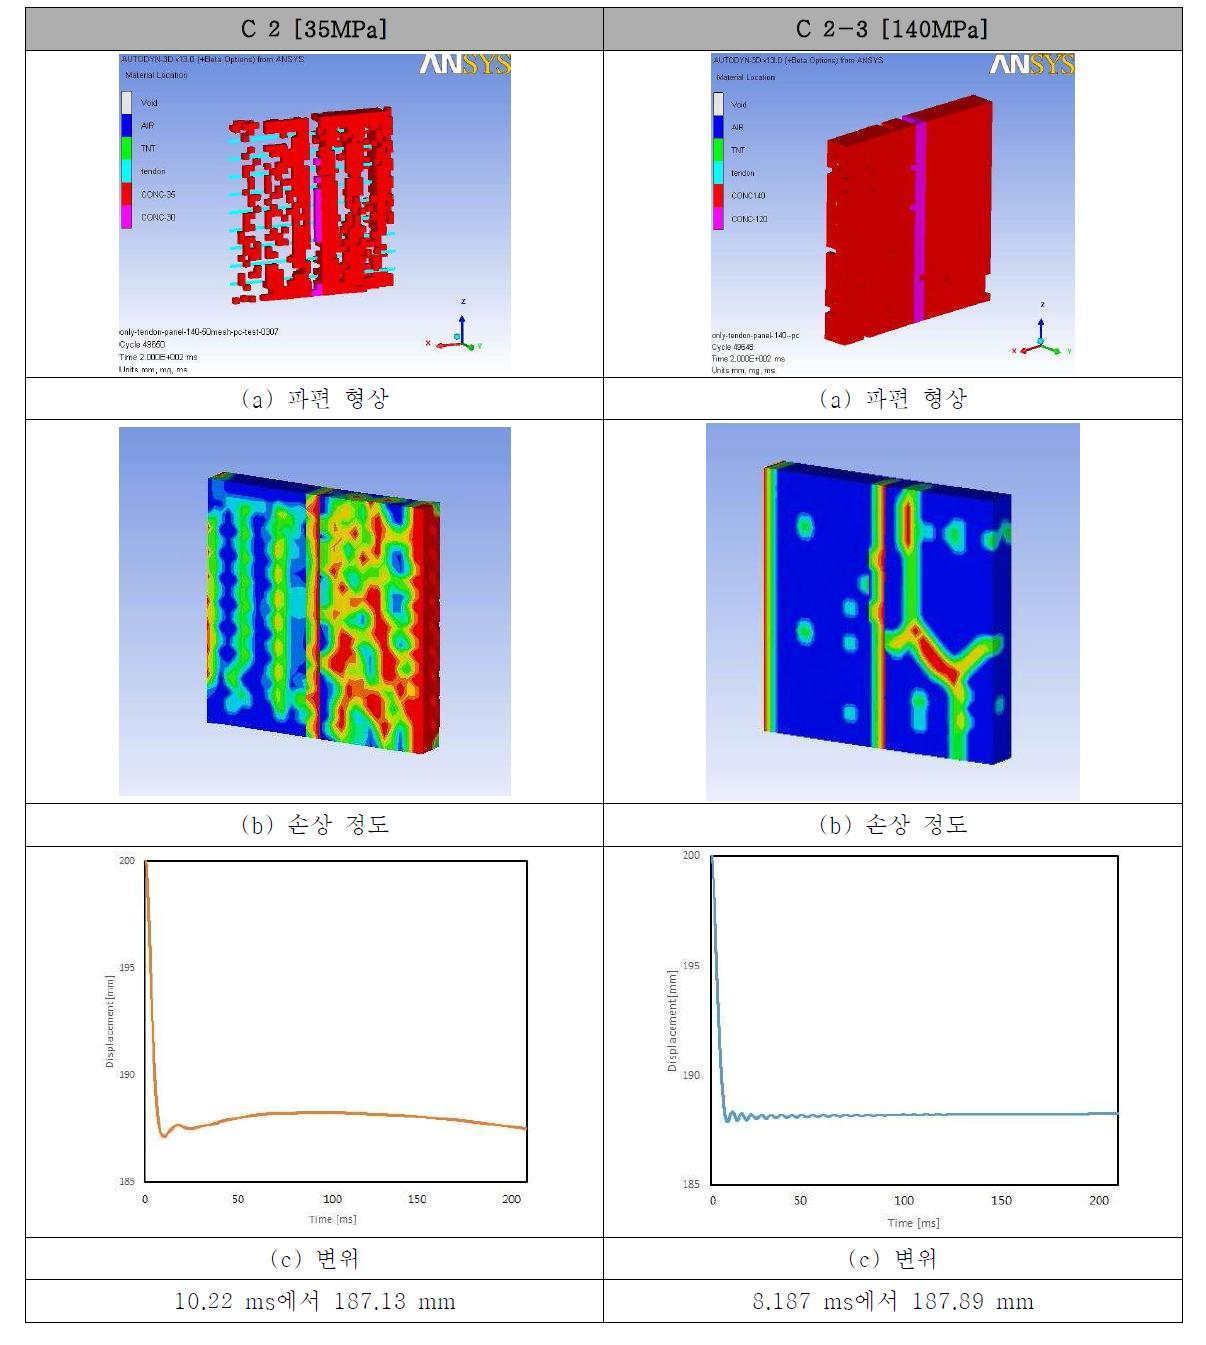 프리스트레스를 도입한 프리캐스트 모델의 콘크리트 강도에 따른 콘크리트 모델의 거동 비교